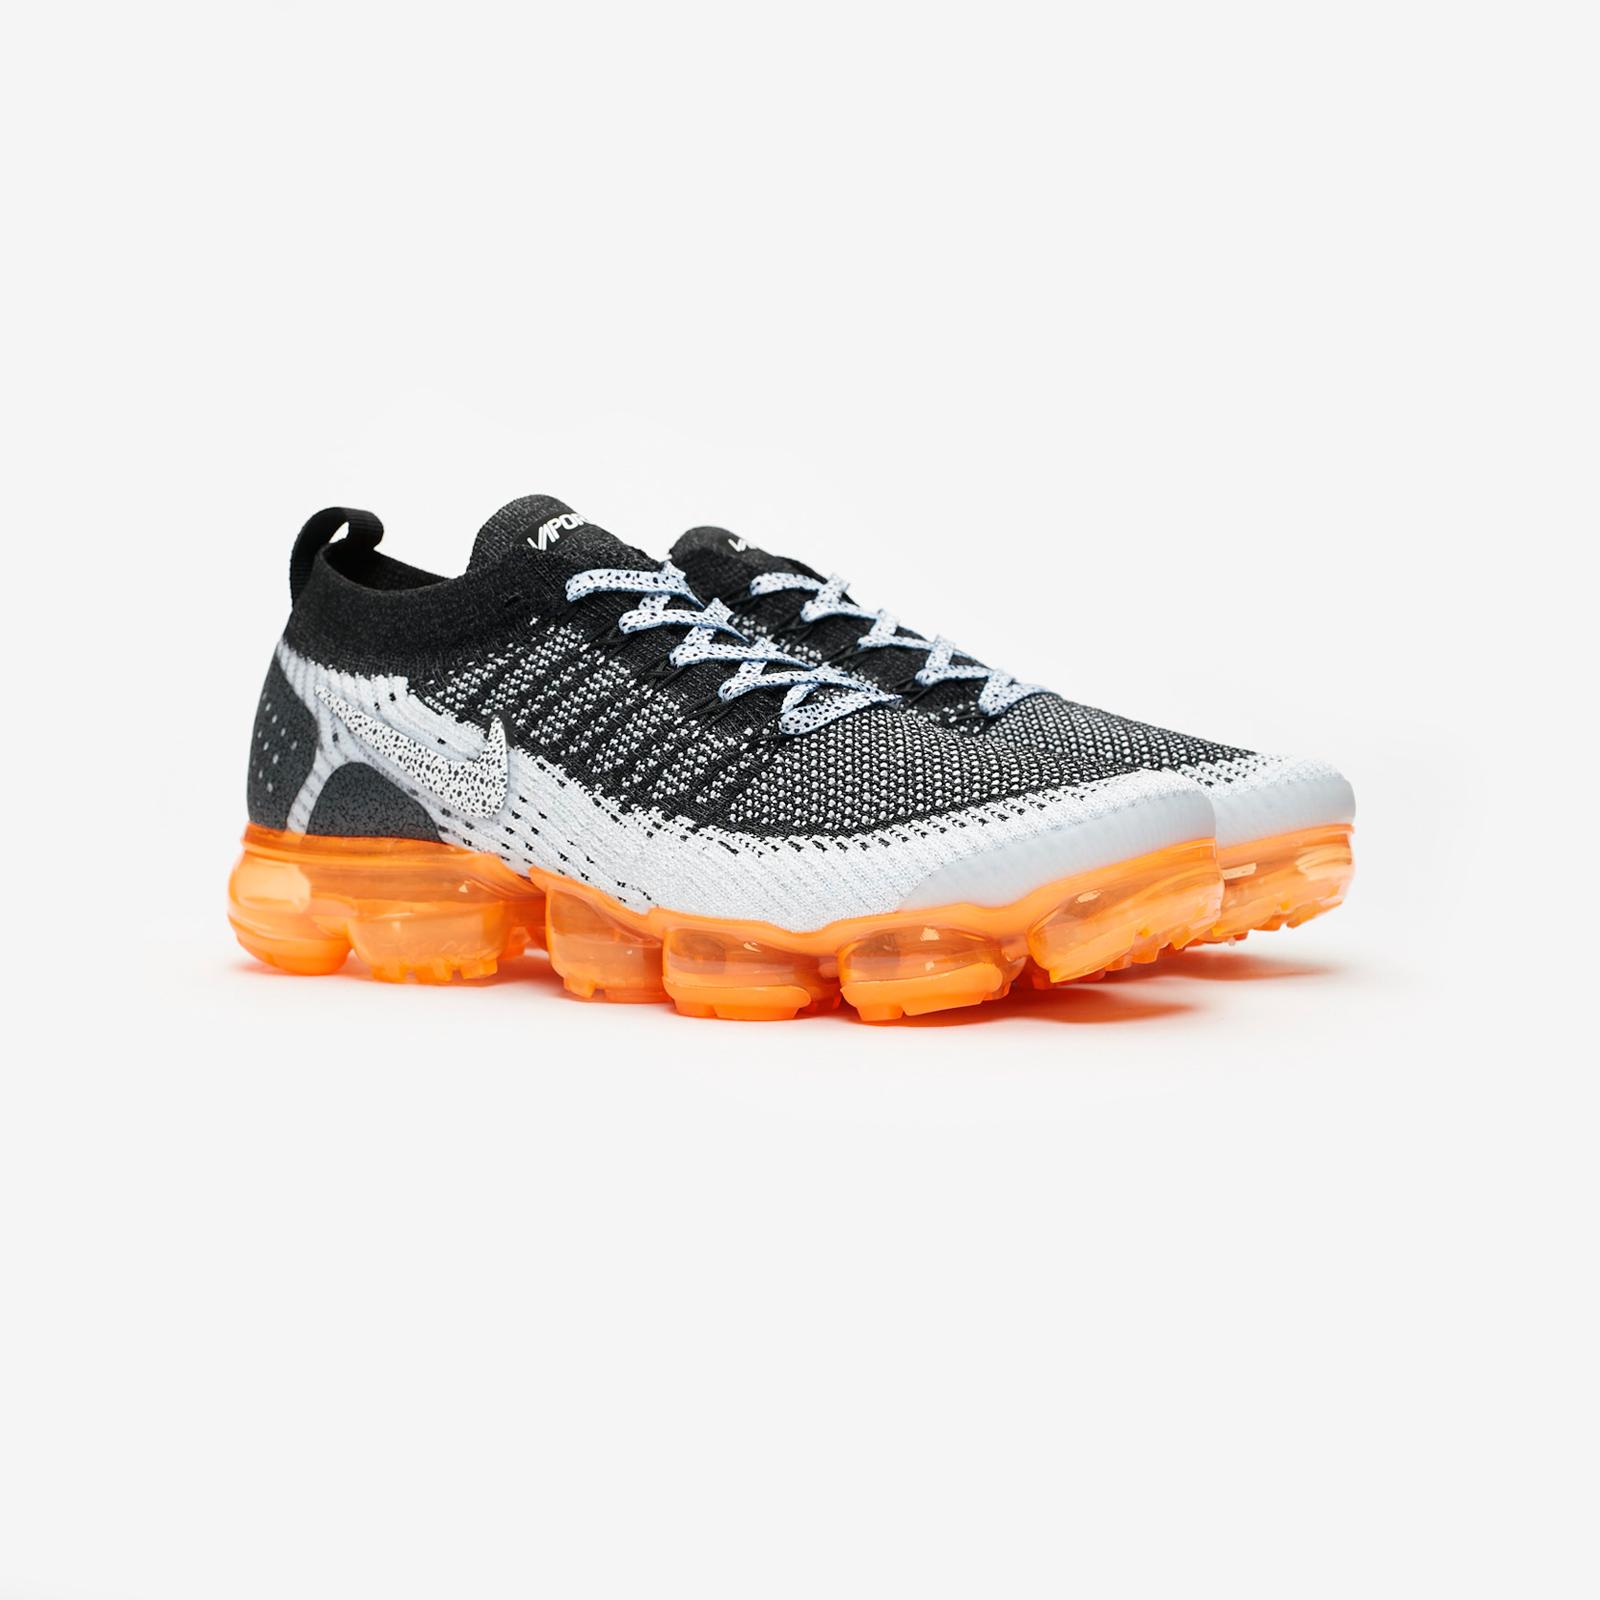 78e4ebf627 Nike Air Vapormax Flyknit 2 - 942842-106 - Sneakersnstuff   sneakers ...